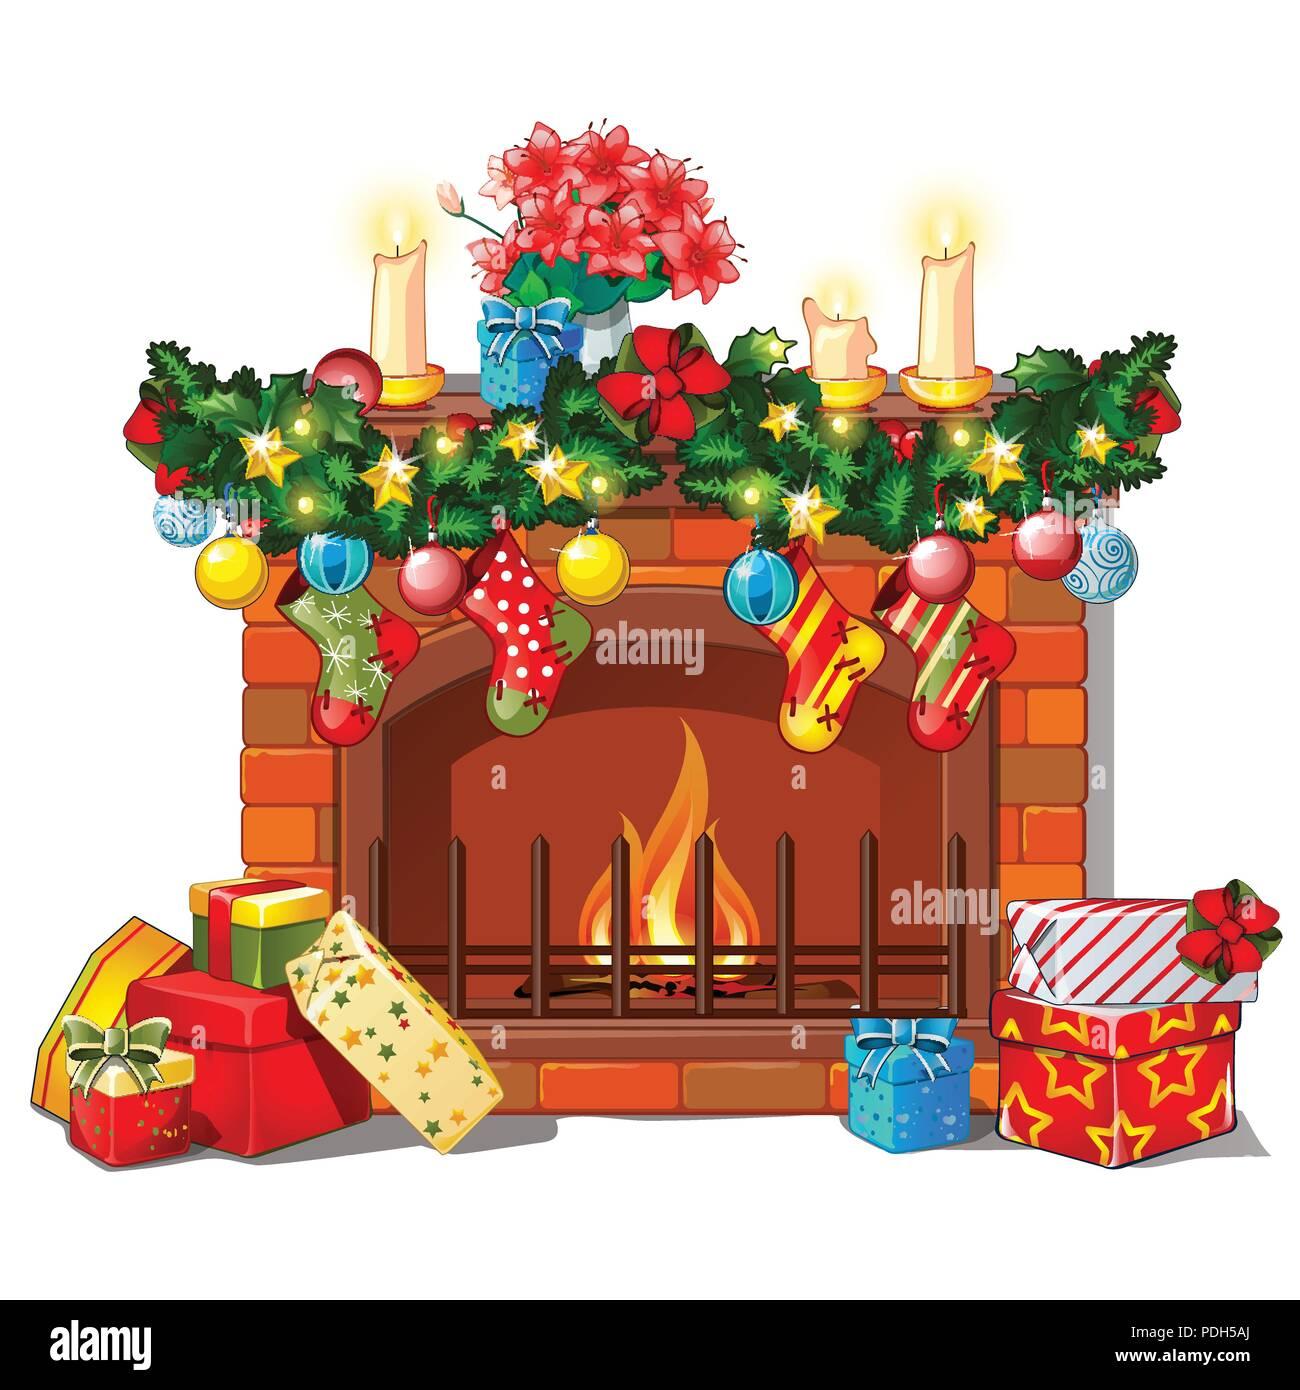 Weihnachten Skizze mit dem Kamin und Dekorationen, Glaskugeln und ...